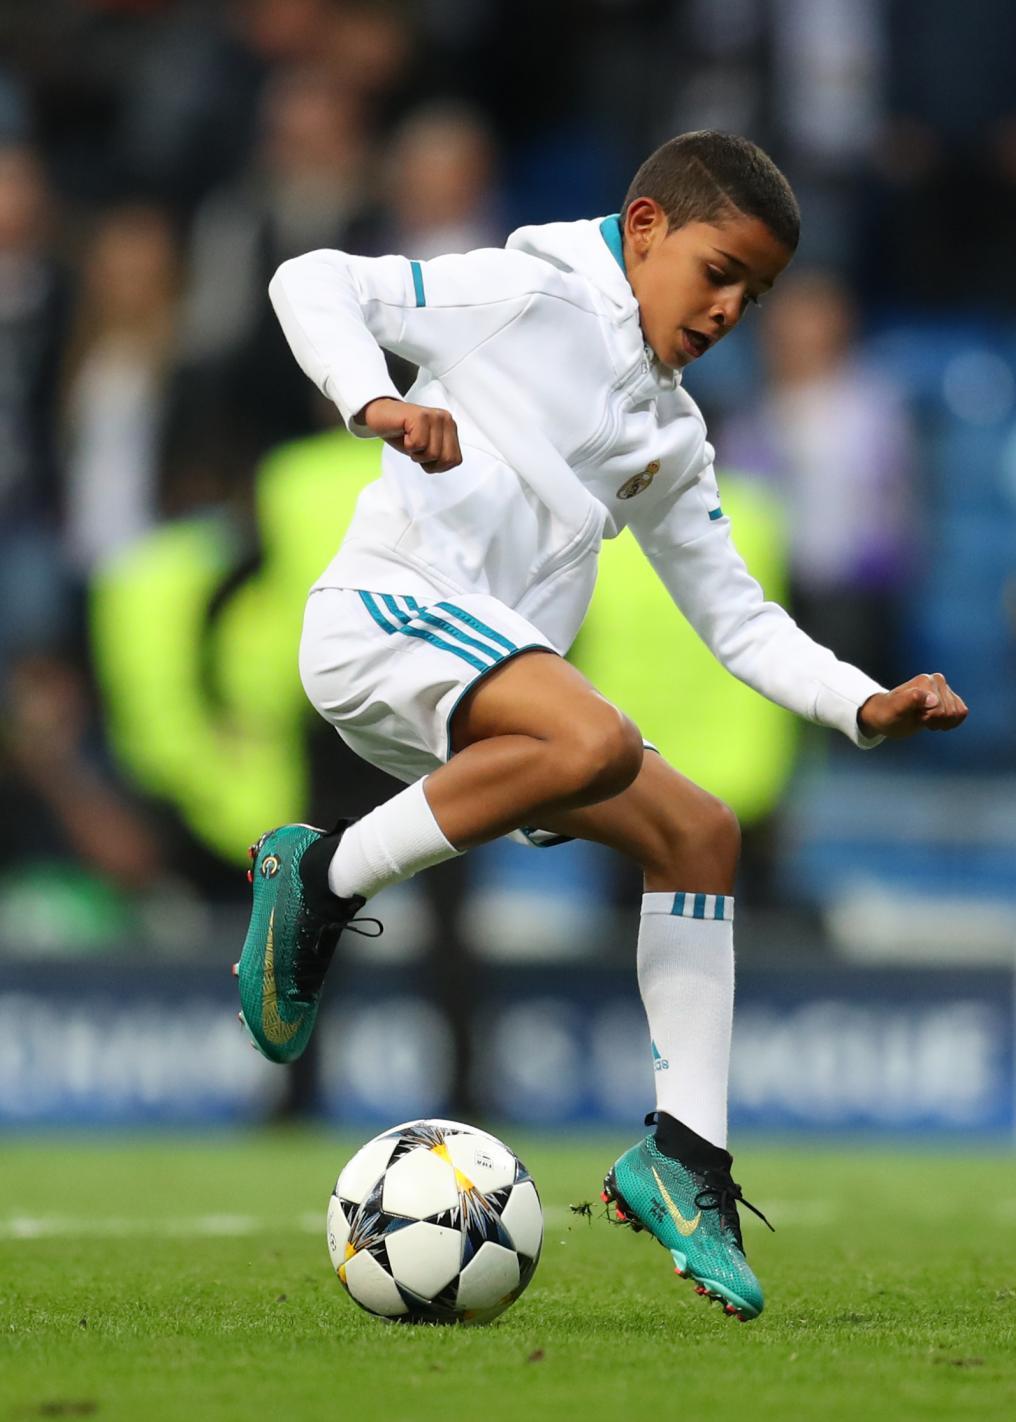 Ronaldo Jr. Shows Off Skills